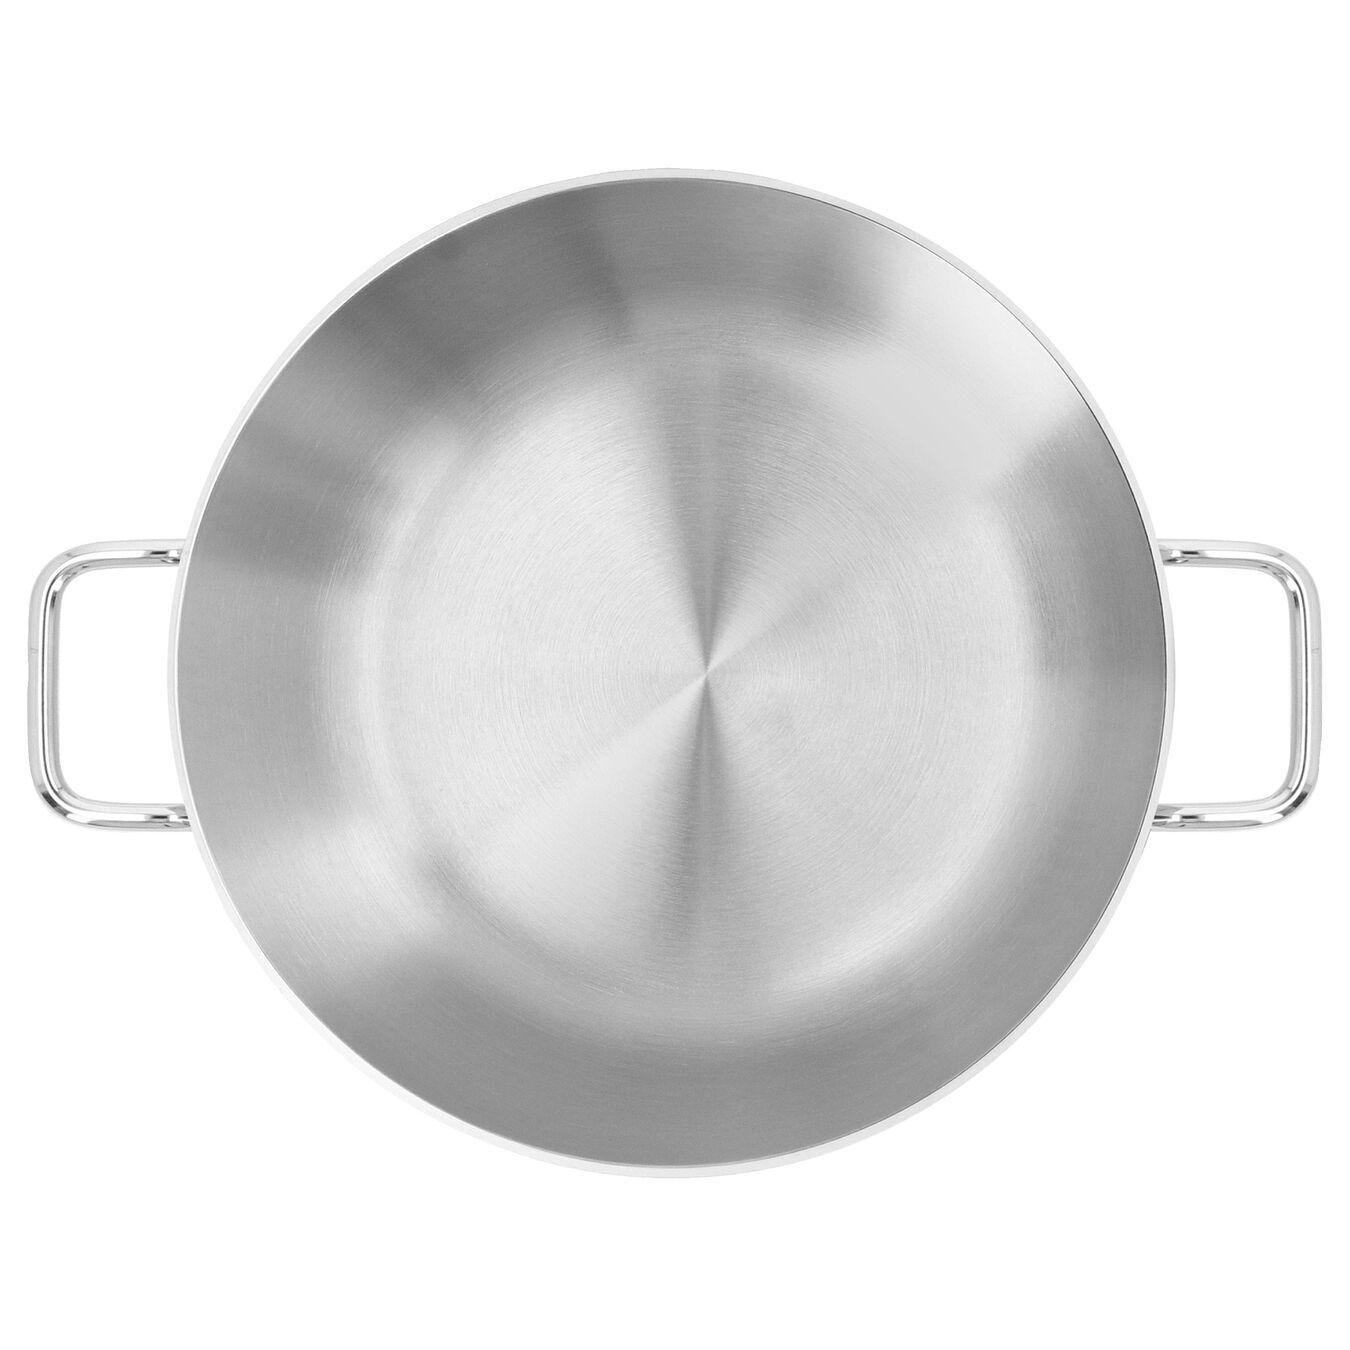 Conische sudderpot 28 cm / 4,75 l,,large 7